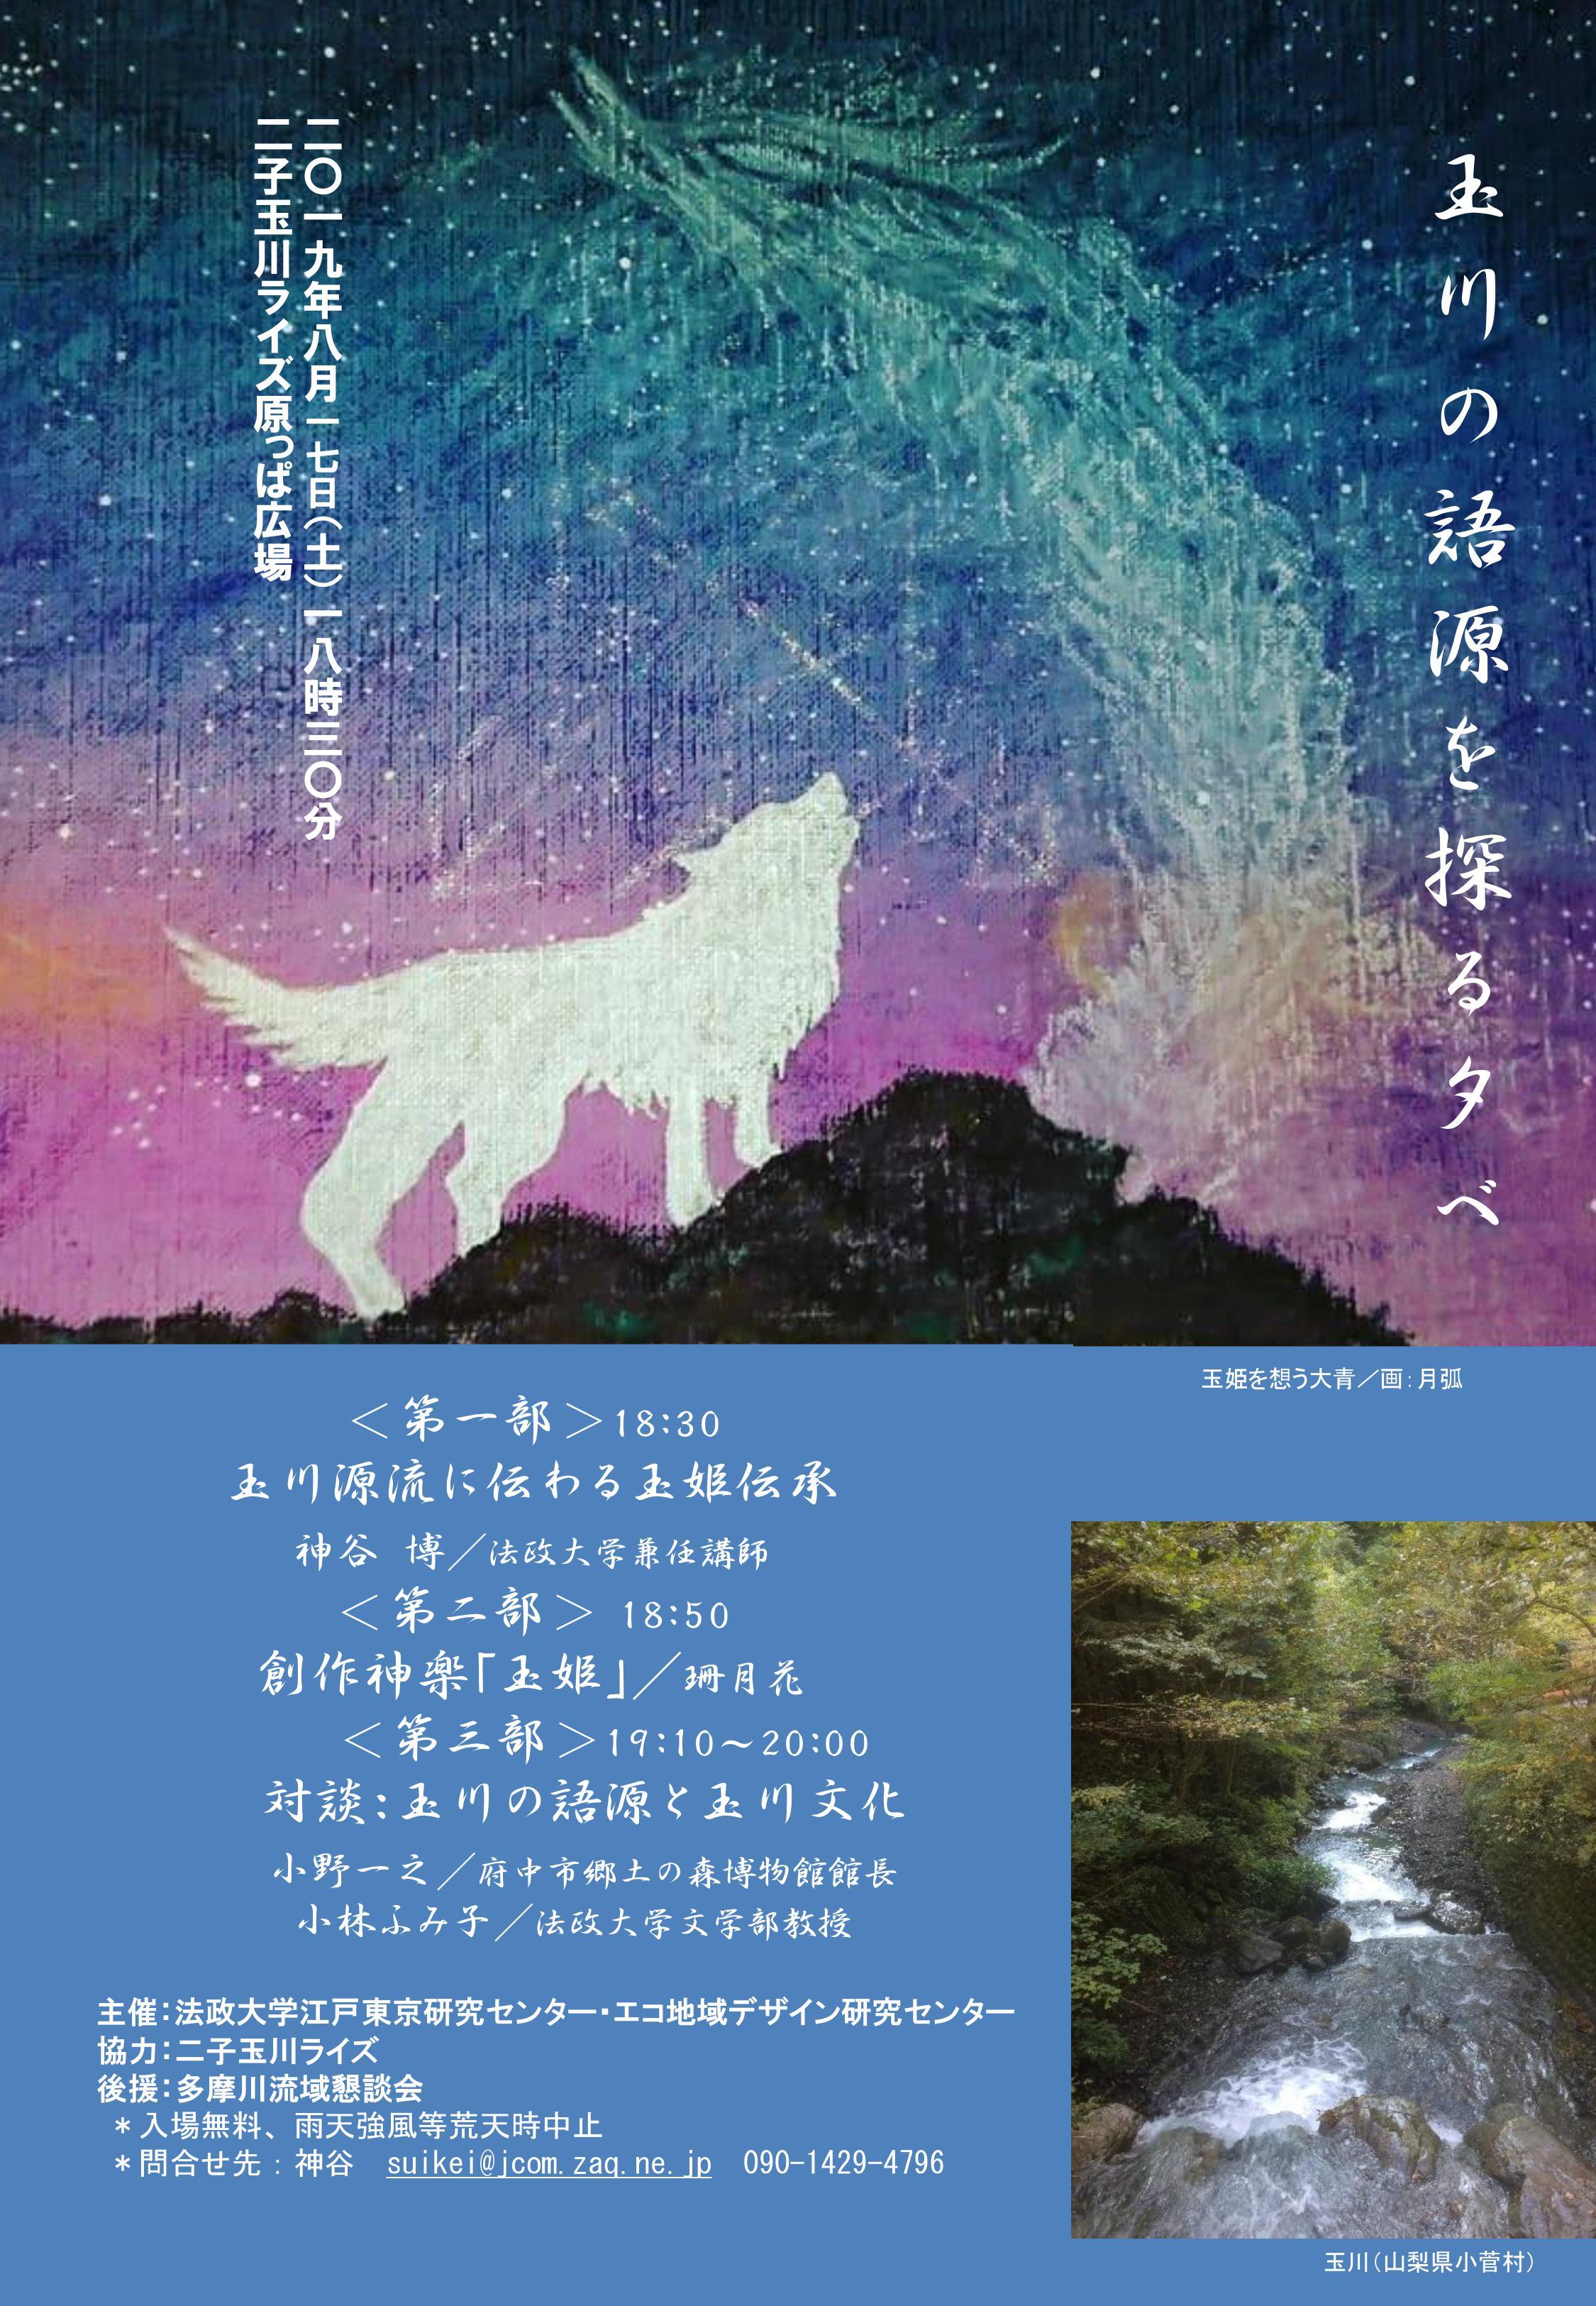 「玉川の語源を探る夕べ」チラシ(表).jpg